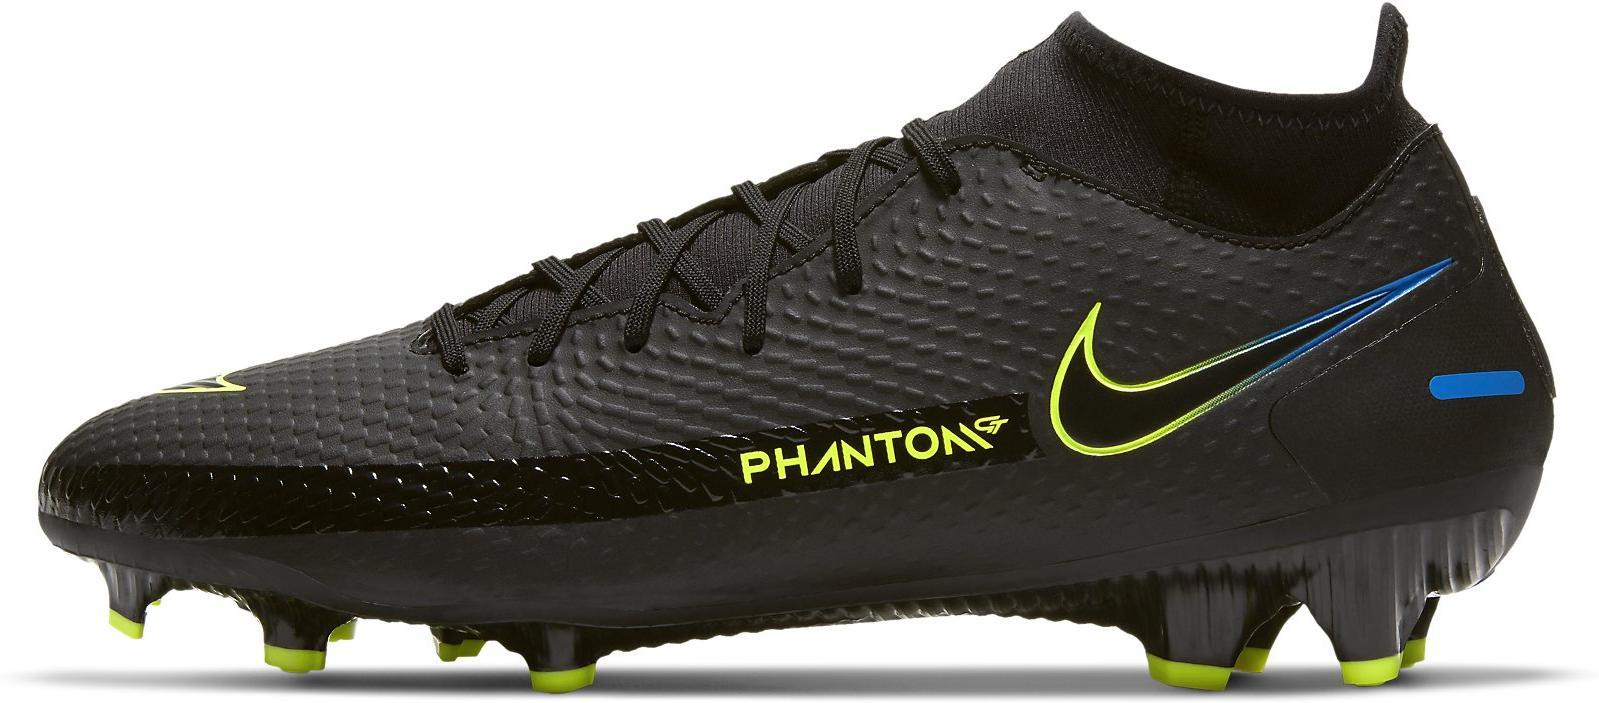 Kopačky Nike PHANTOM GT ACADEMY DF FG/MG černá